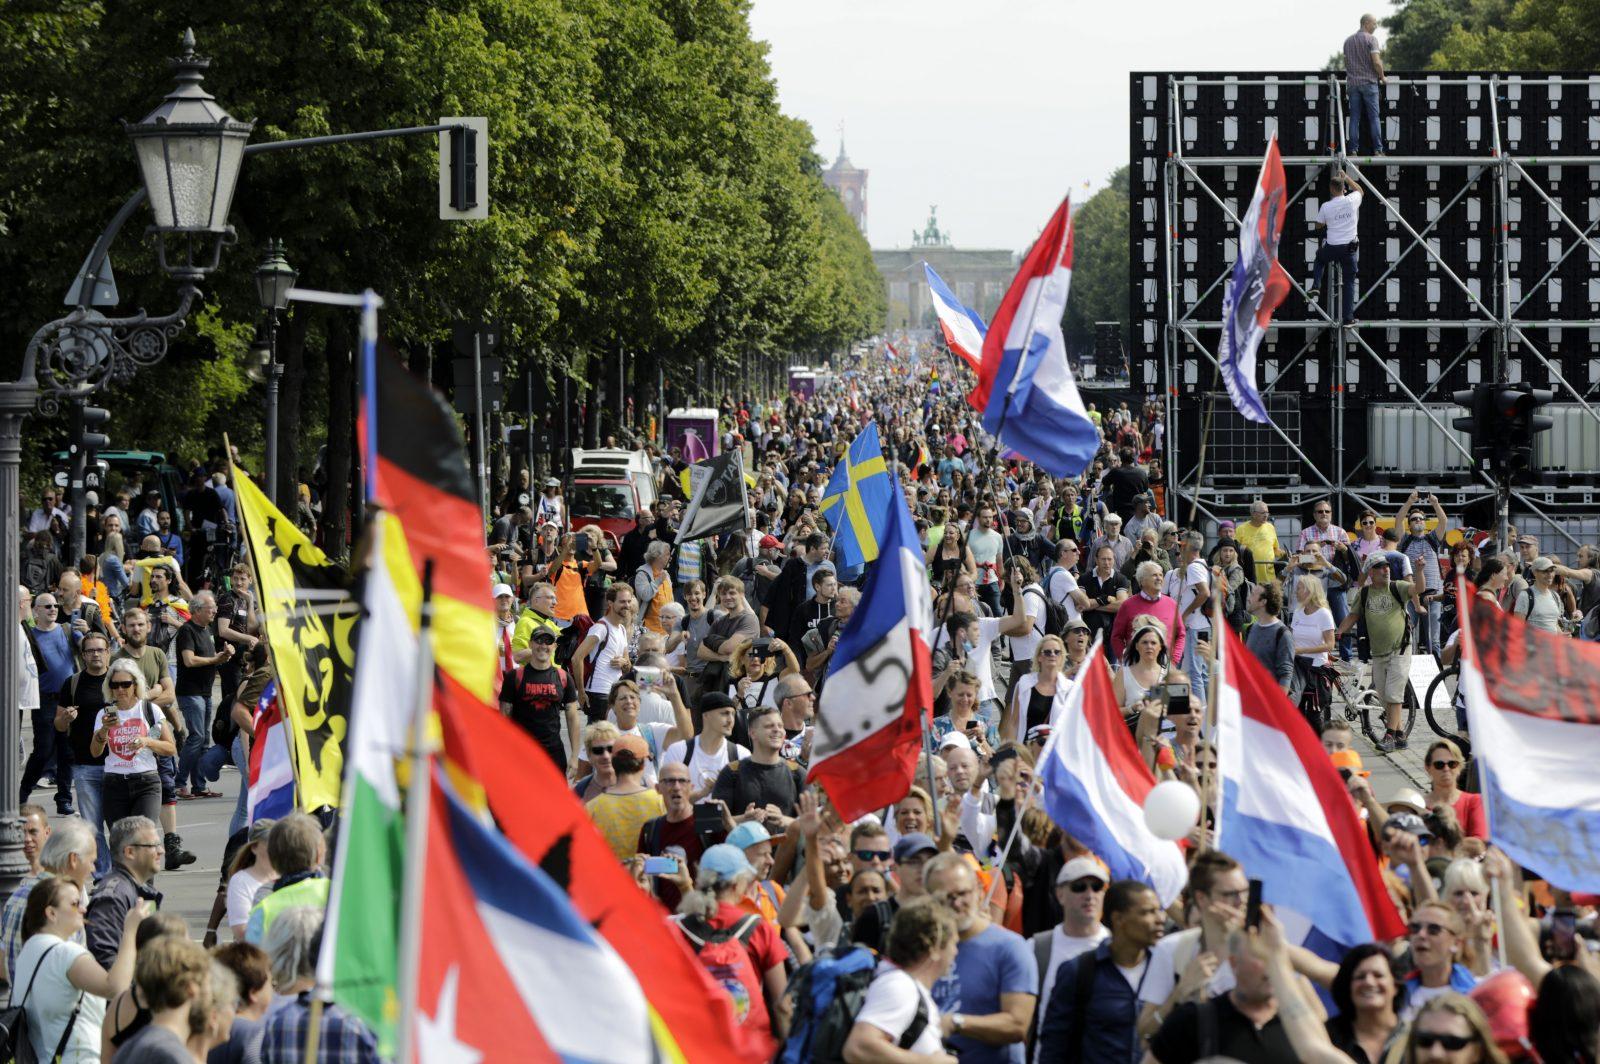 Corona-Demonstration in Berlin: Künftig gilt bei mehr als hundert Teilnehmern eine Maskenpflicht Foto: picture alliance/Geisler-Fotopress